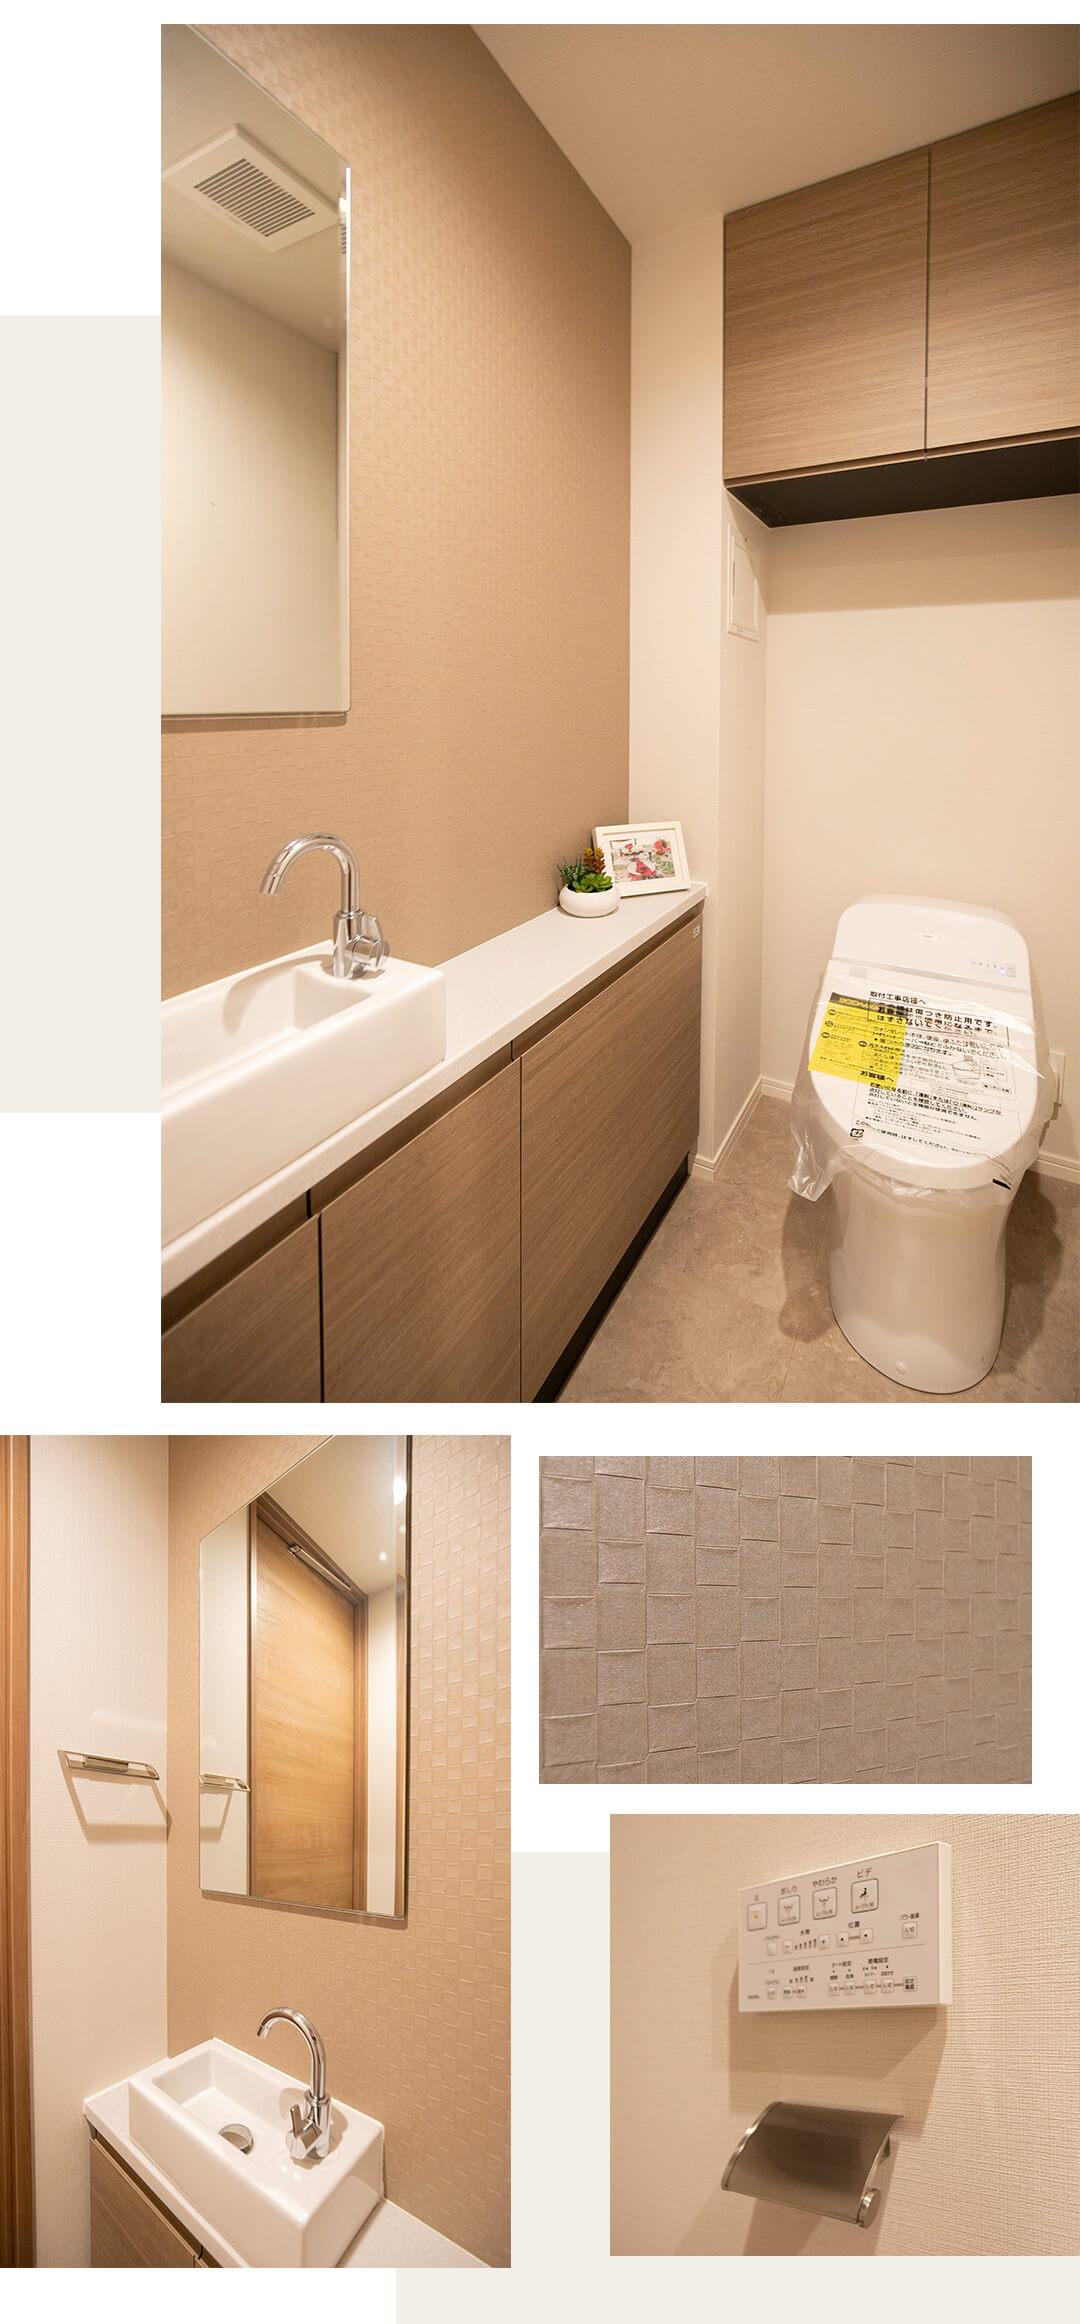 松濤コートハウスのトイレ